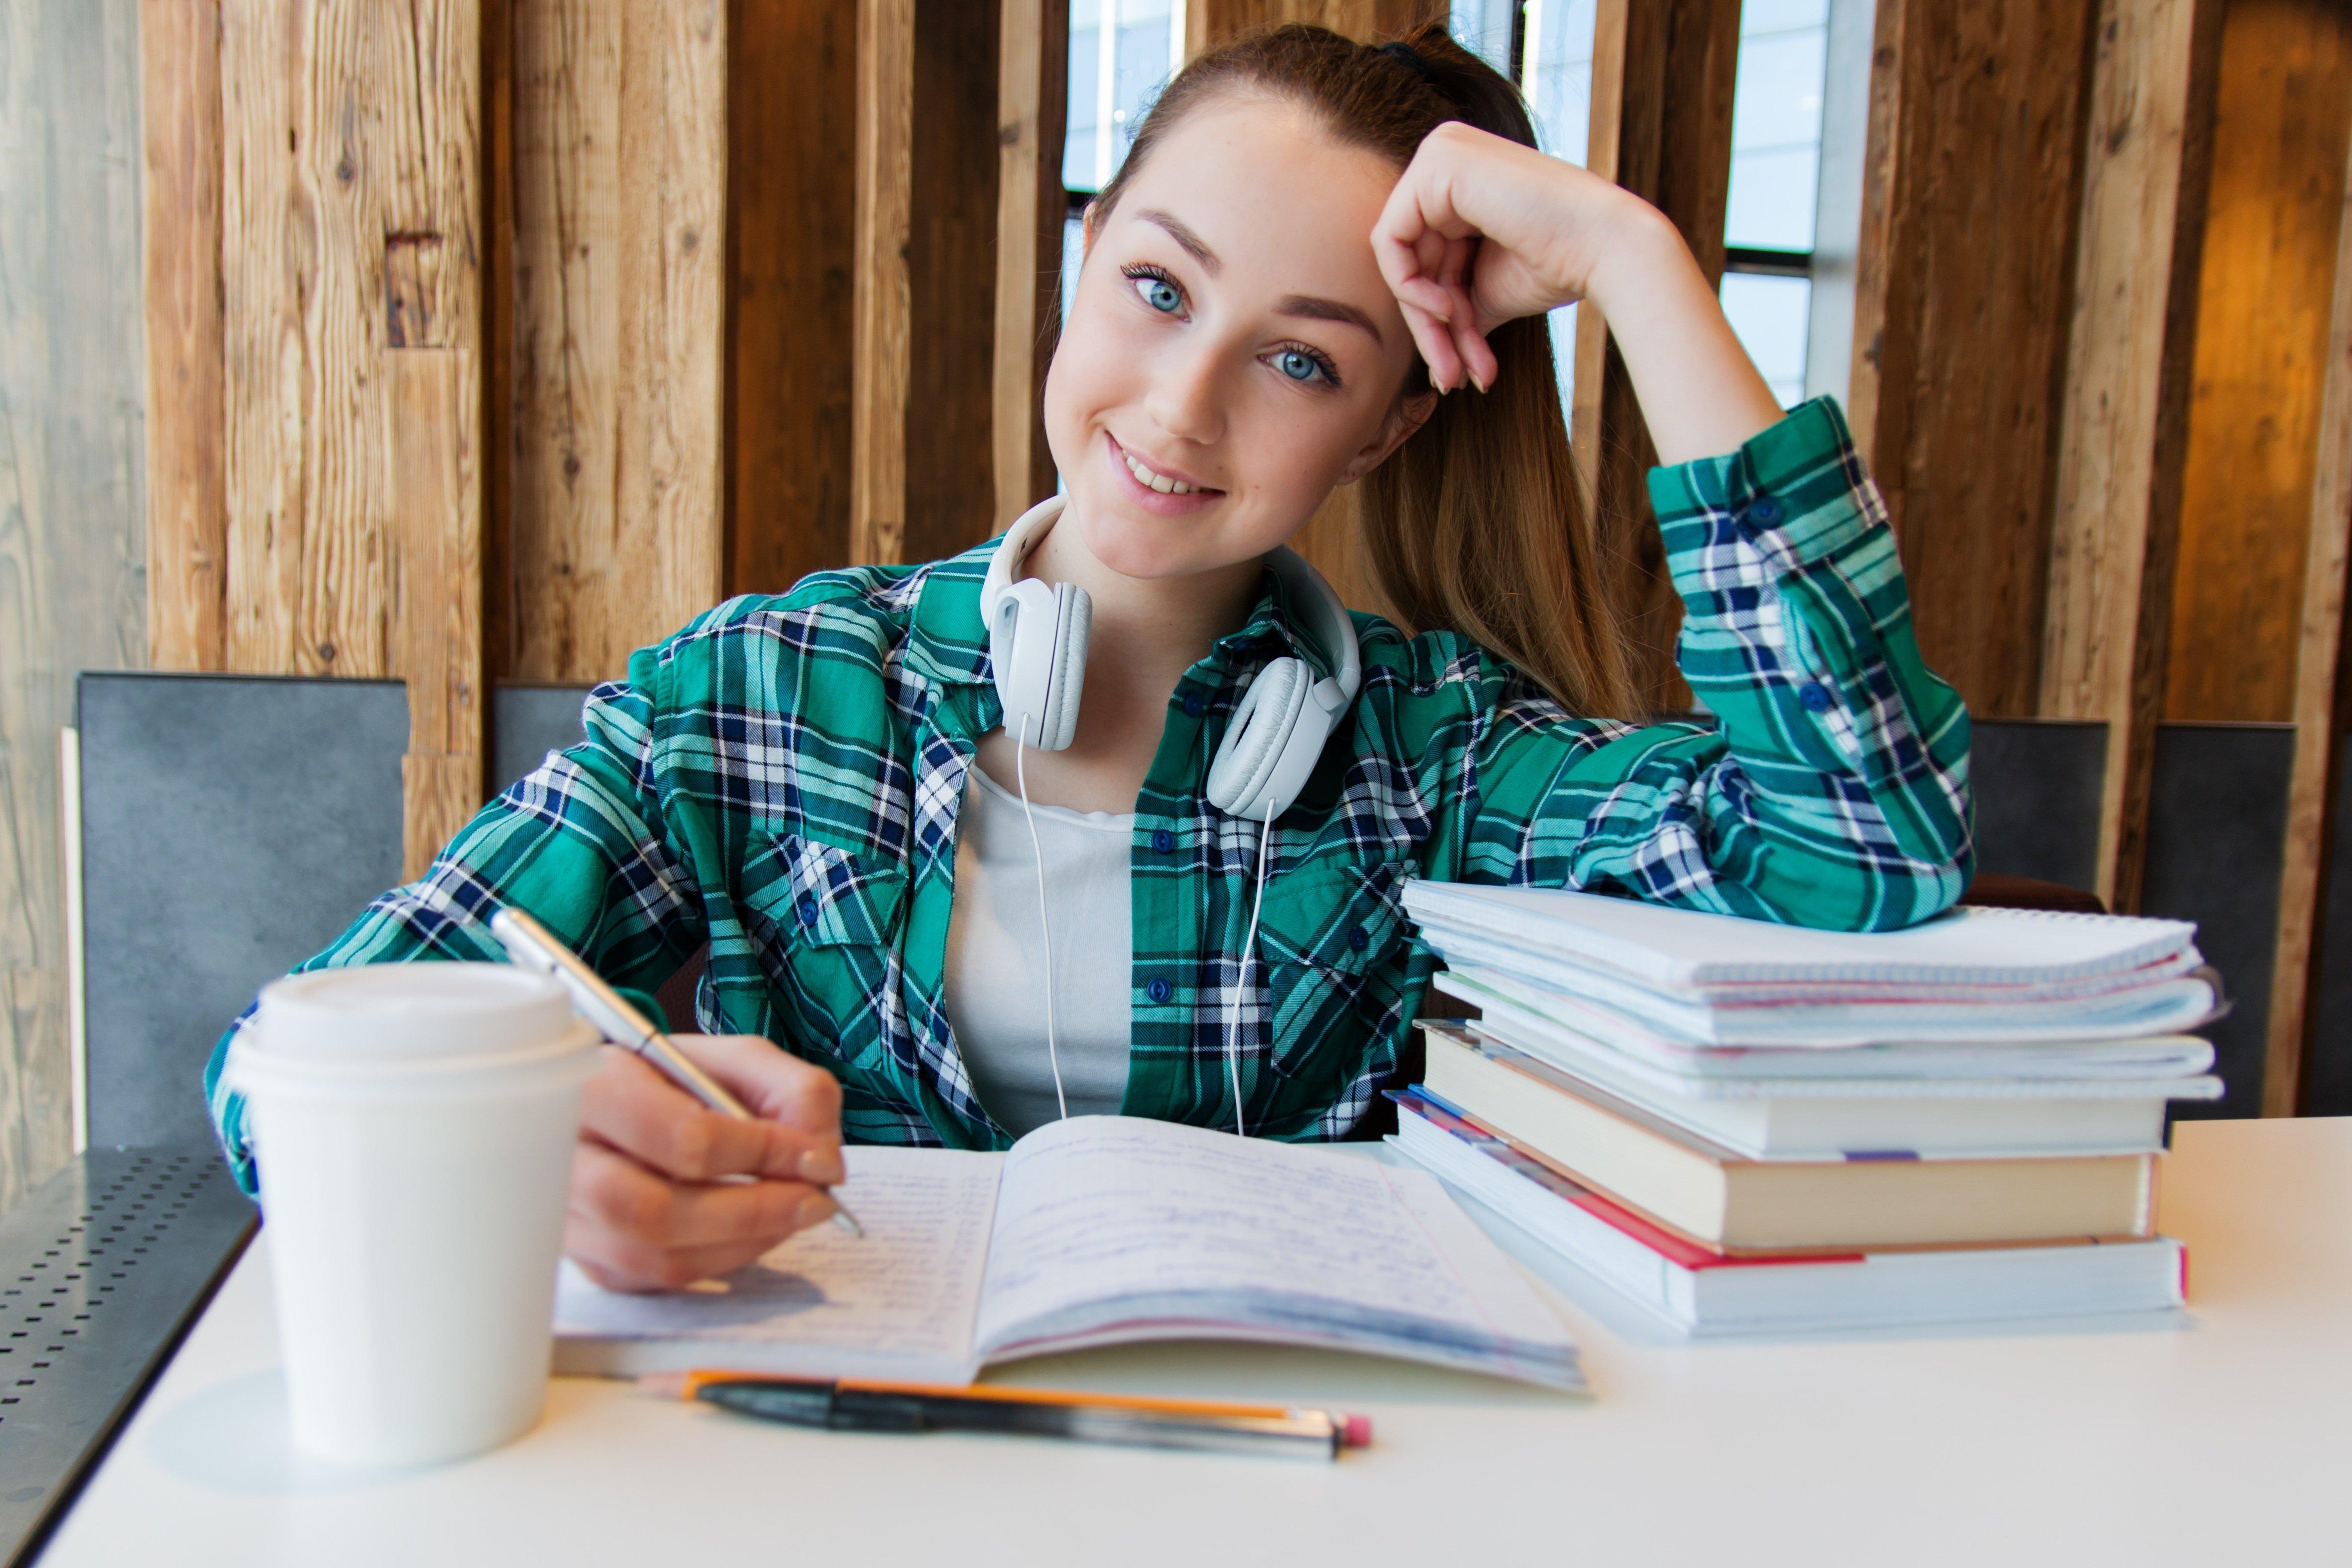 Ausbildungs- und Studiumstarter